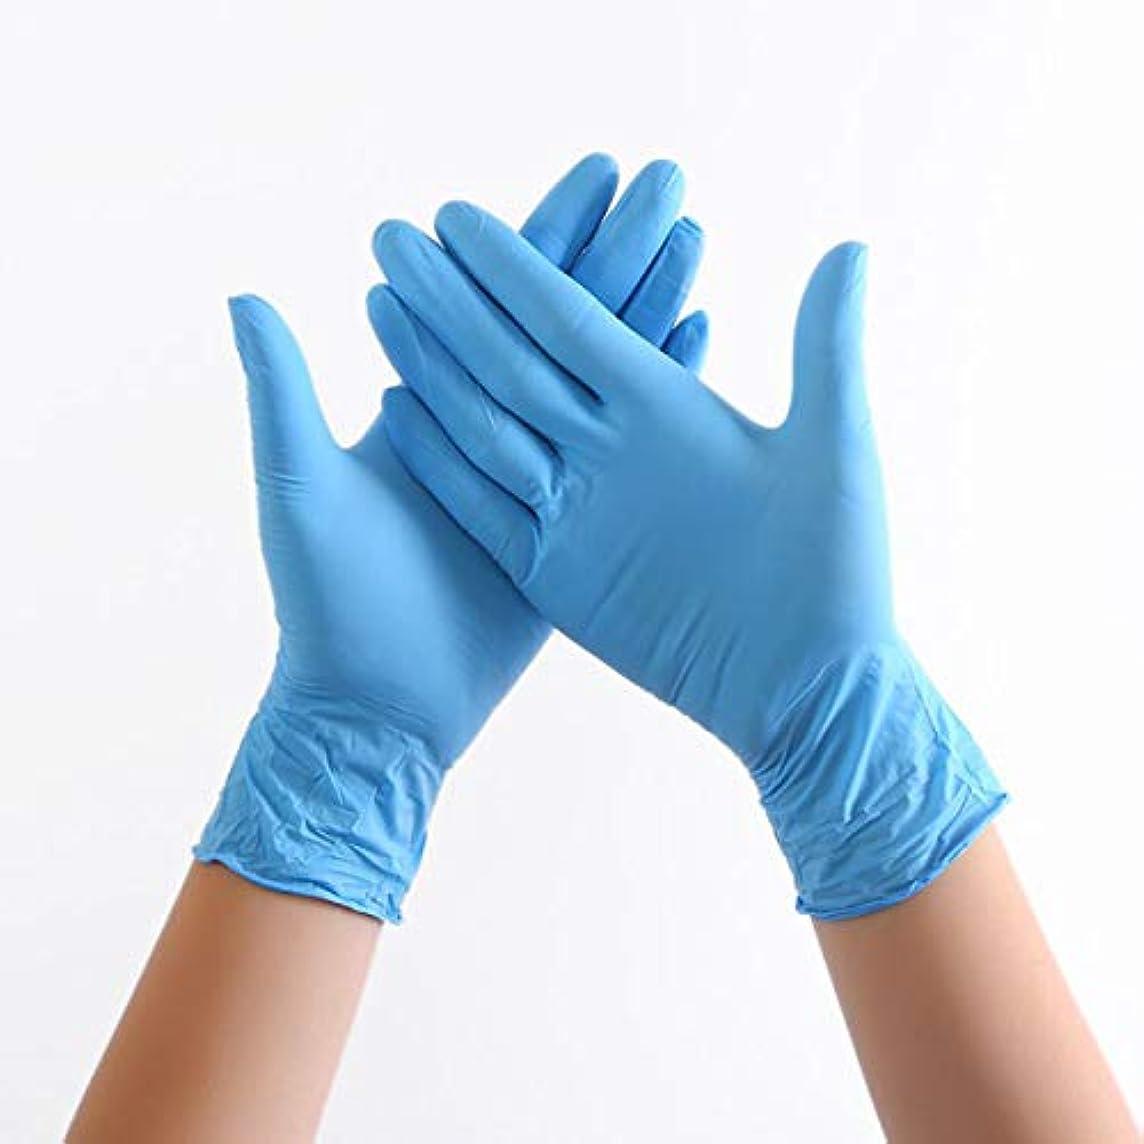 平等祝福する肖像画ニトリルグローブ 使い捨て手袋 グローブ パウダーフリー 作業 介護 調理 炊事 園芸 掃除用,Blue100,L